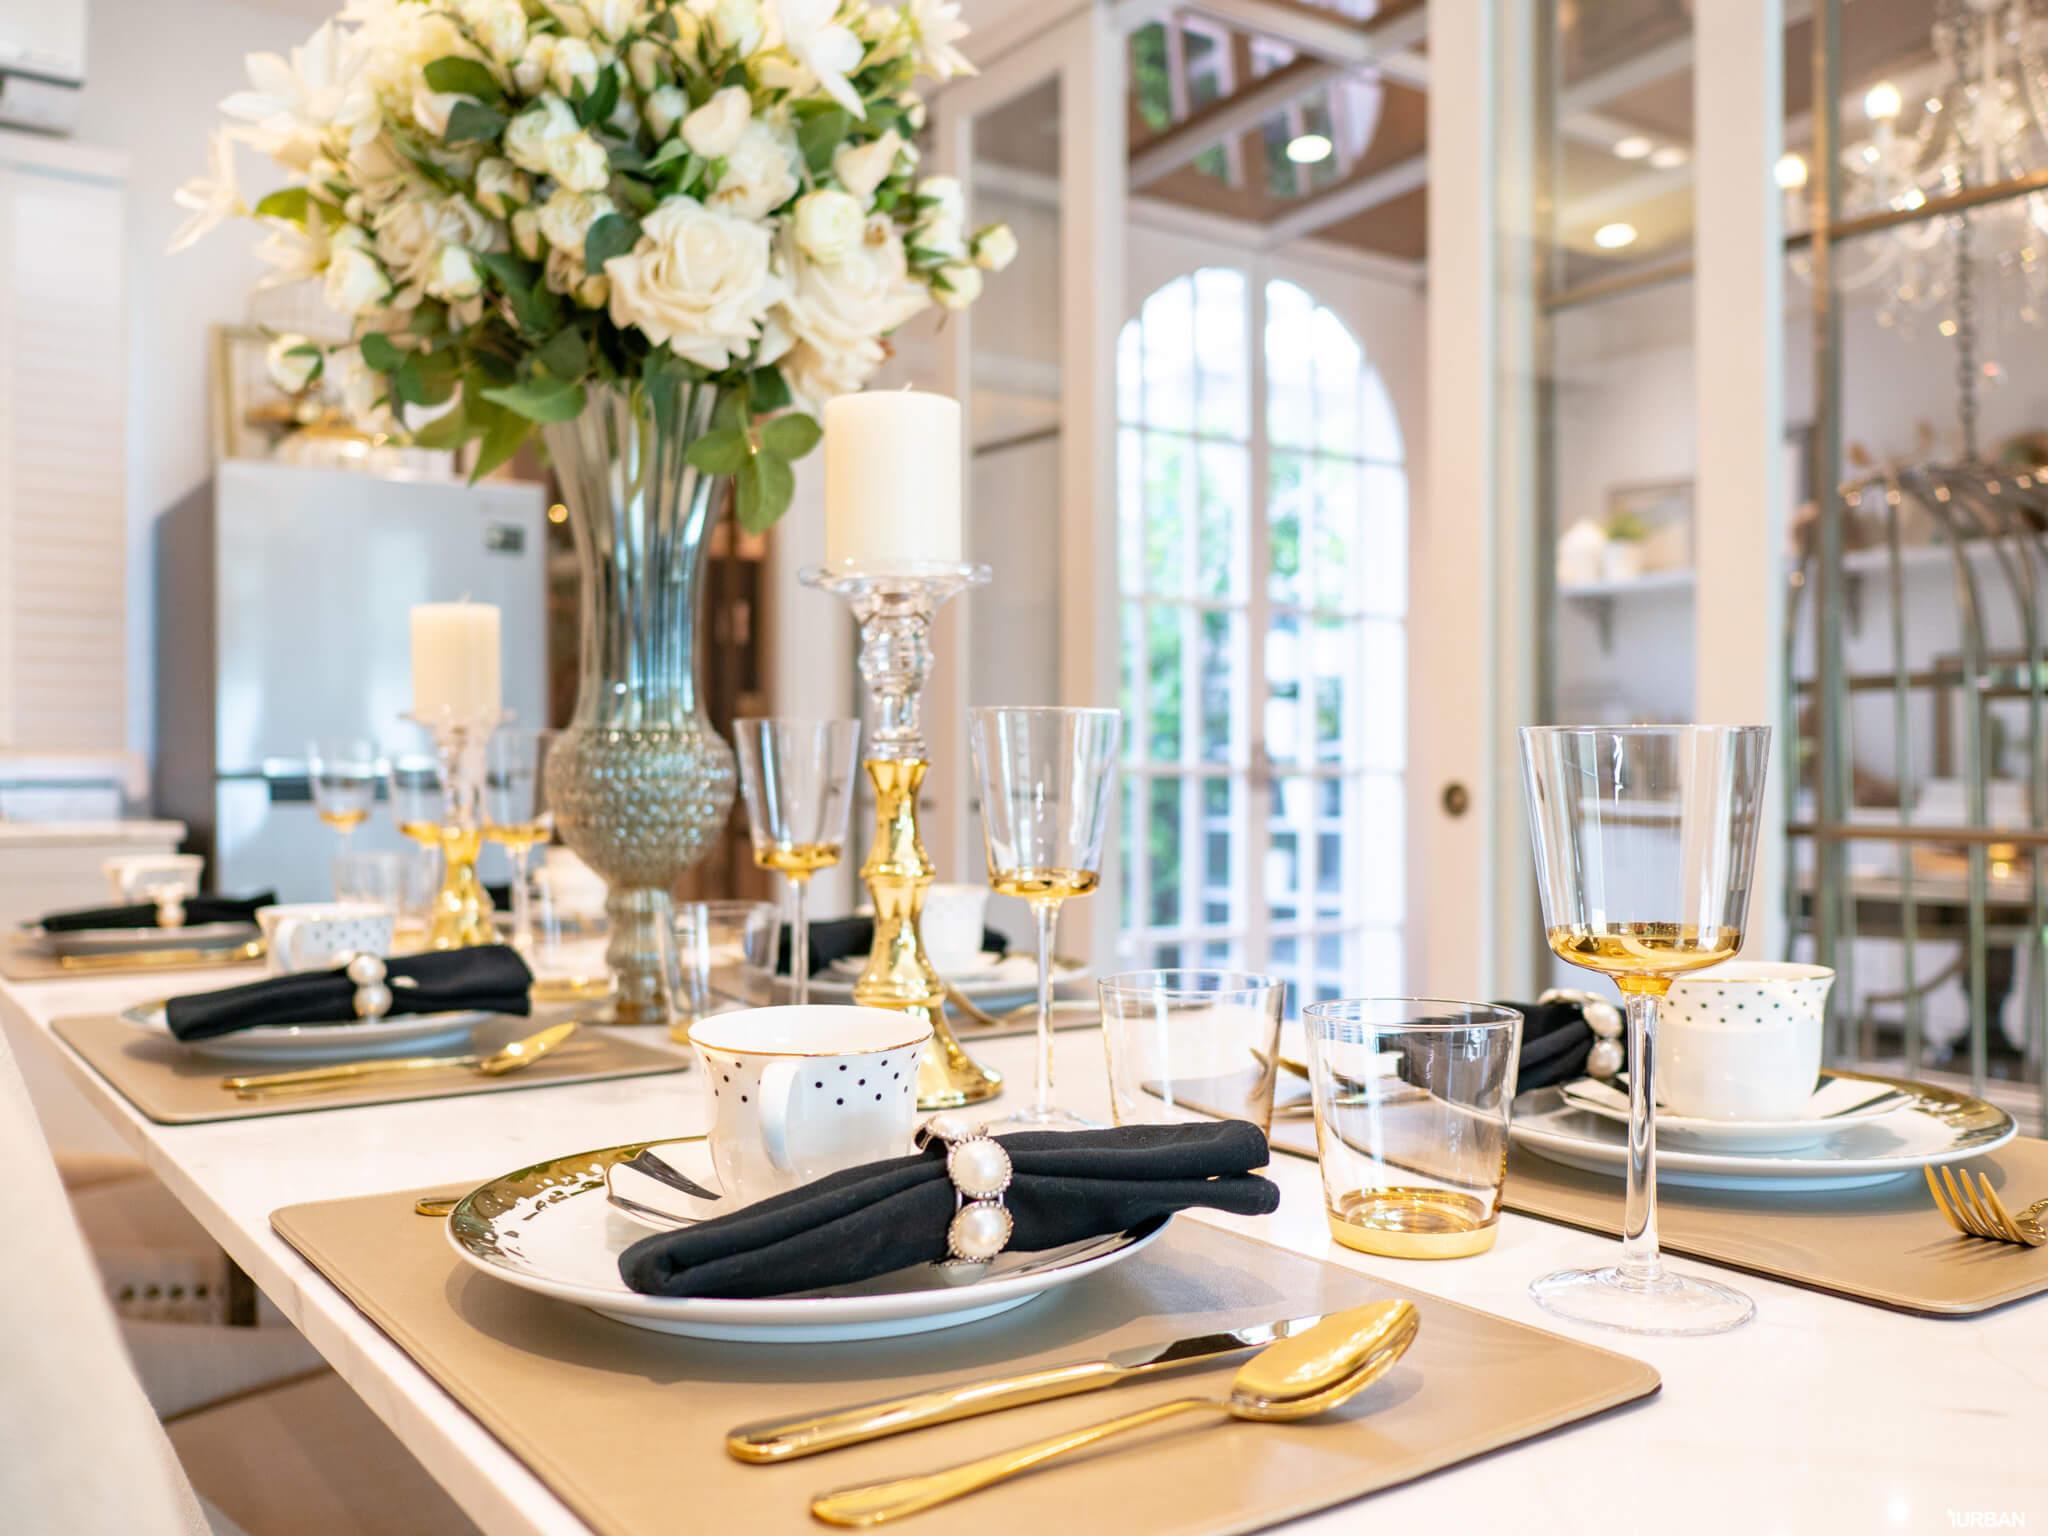 รีวิวทาวน์โฮม Pleno ปิ่นเกล้า - จรัญฯ การออกแบบที่ดีมากทั้งในบ้านและส่วนกลางที่ให้เกินราคา 40 - AP (Thailand) - เอพี (ไทยแลนด์)